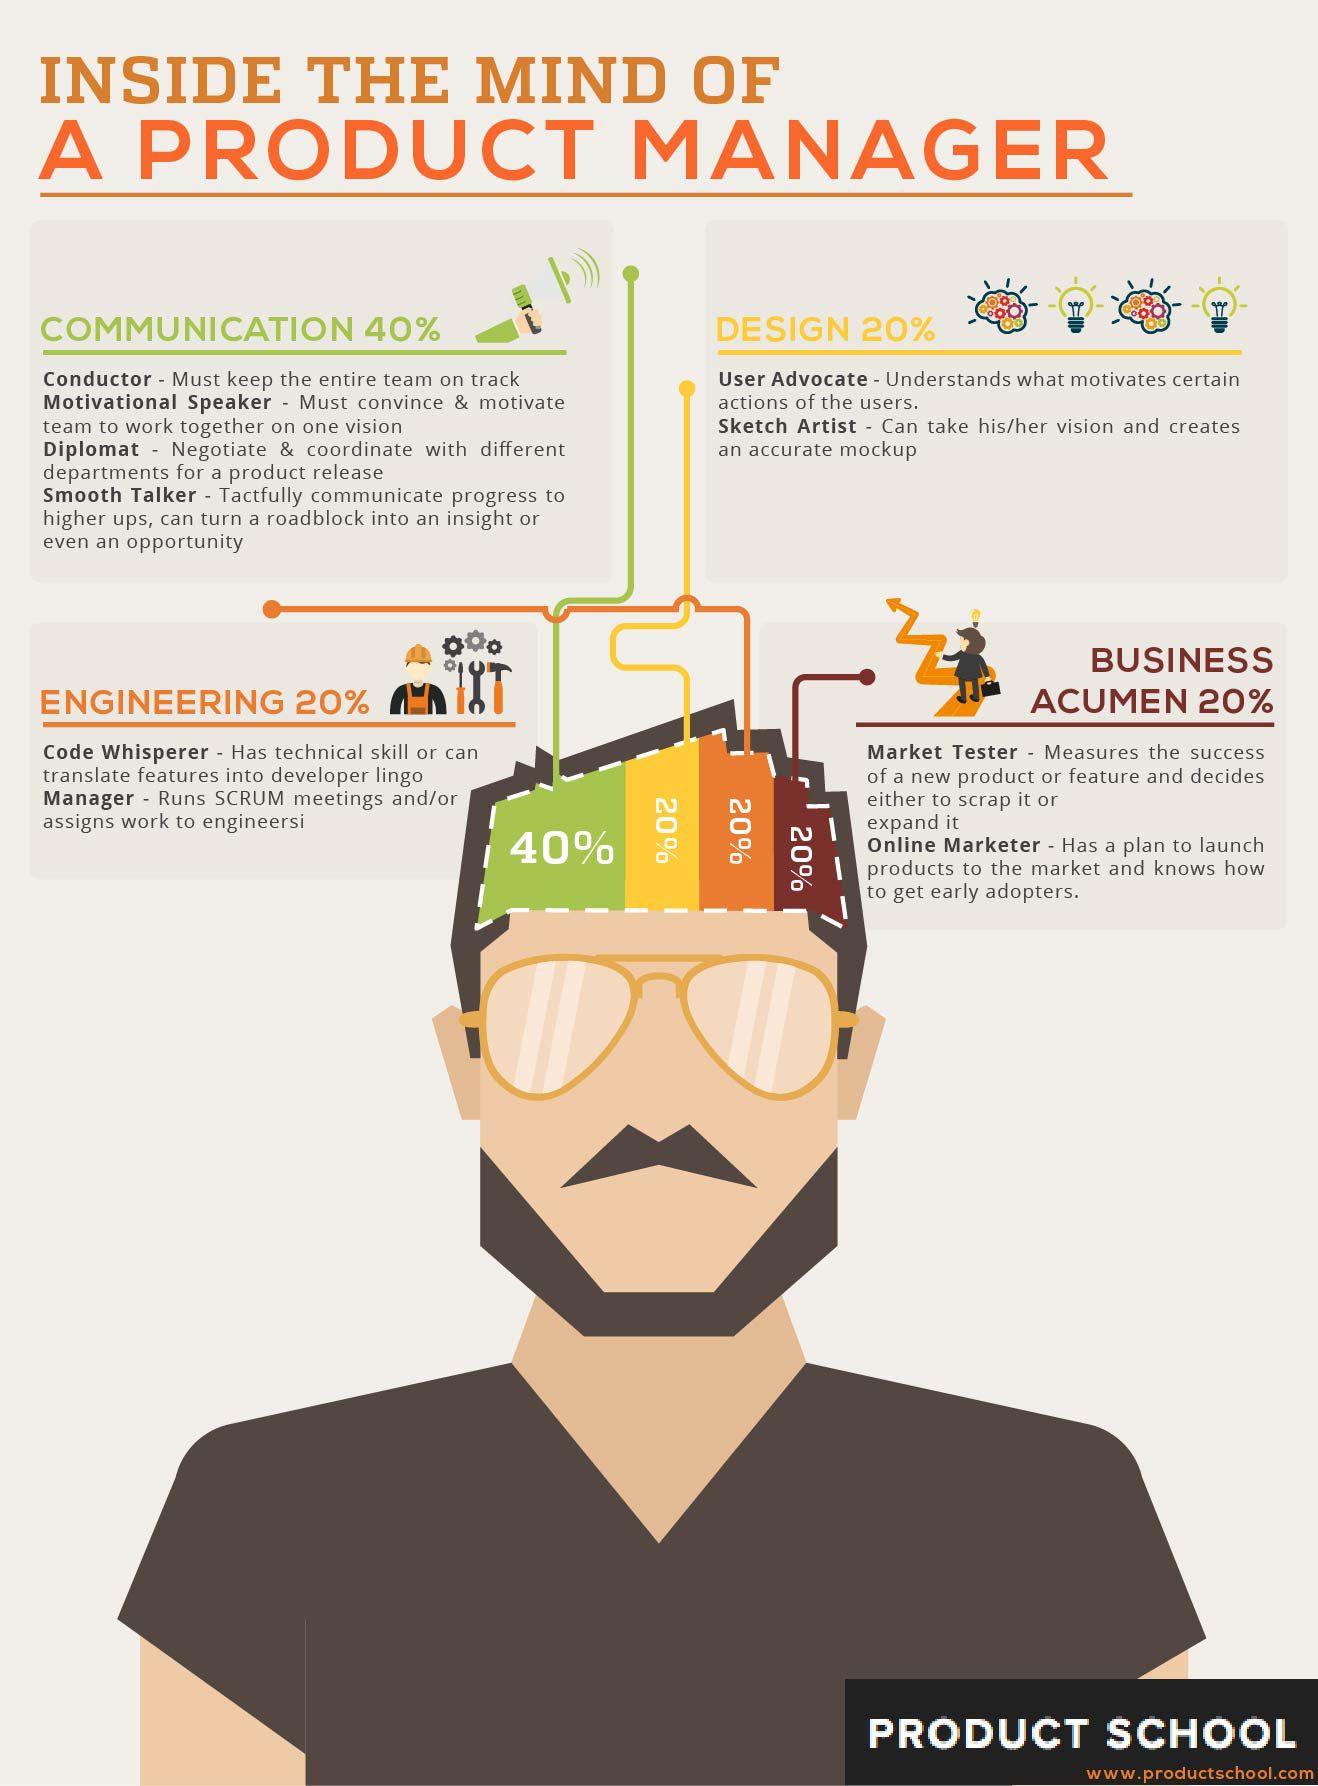 Product Manager's Job Description